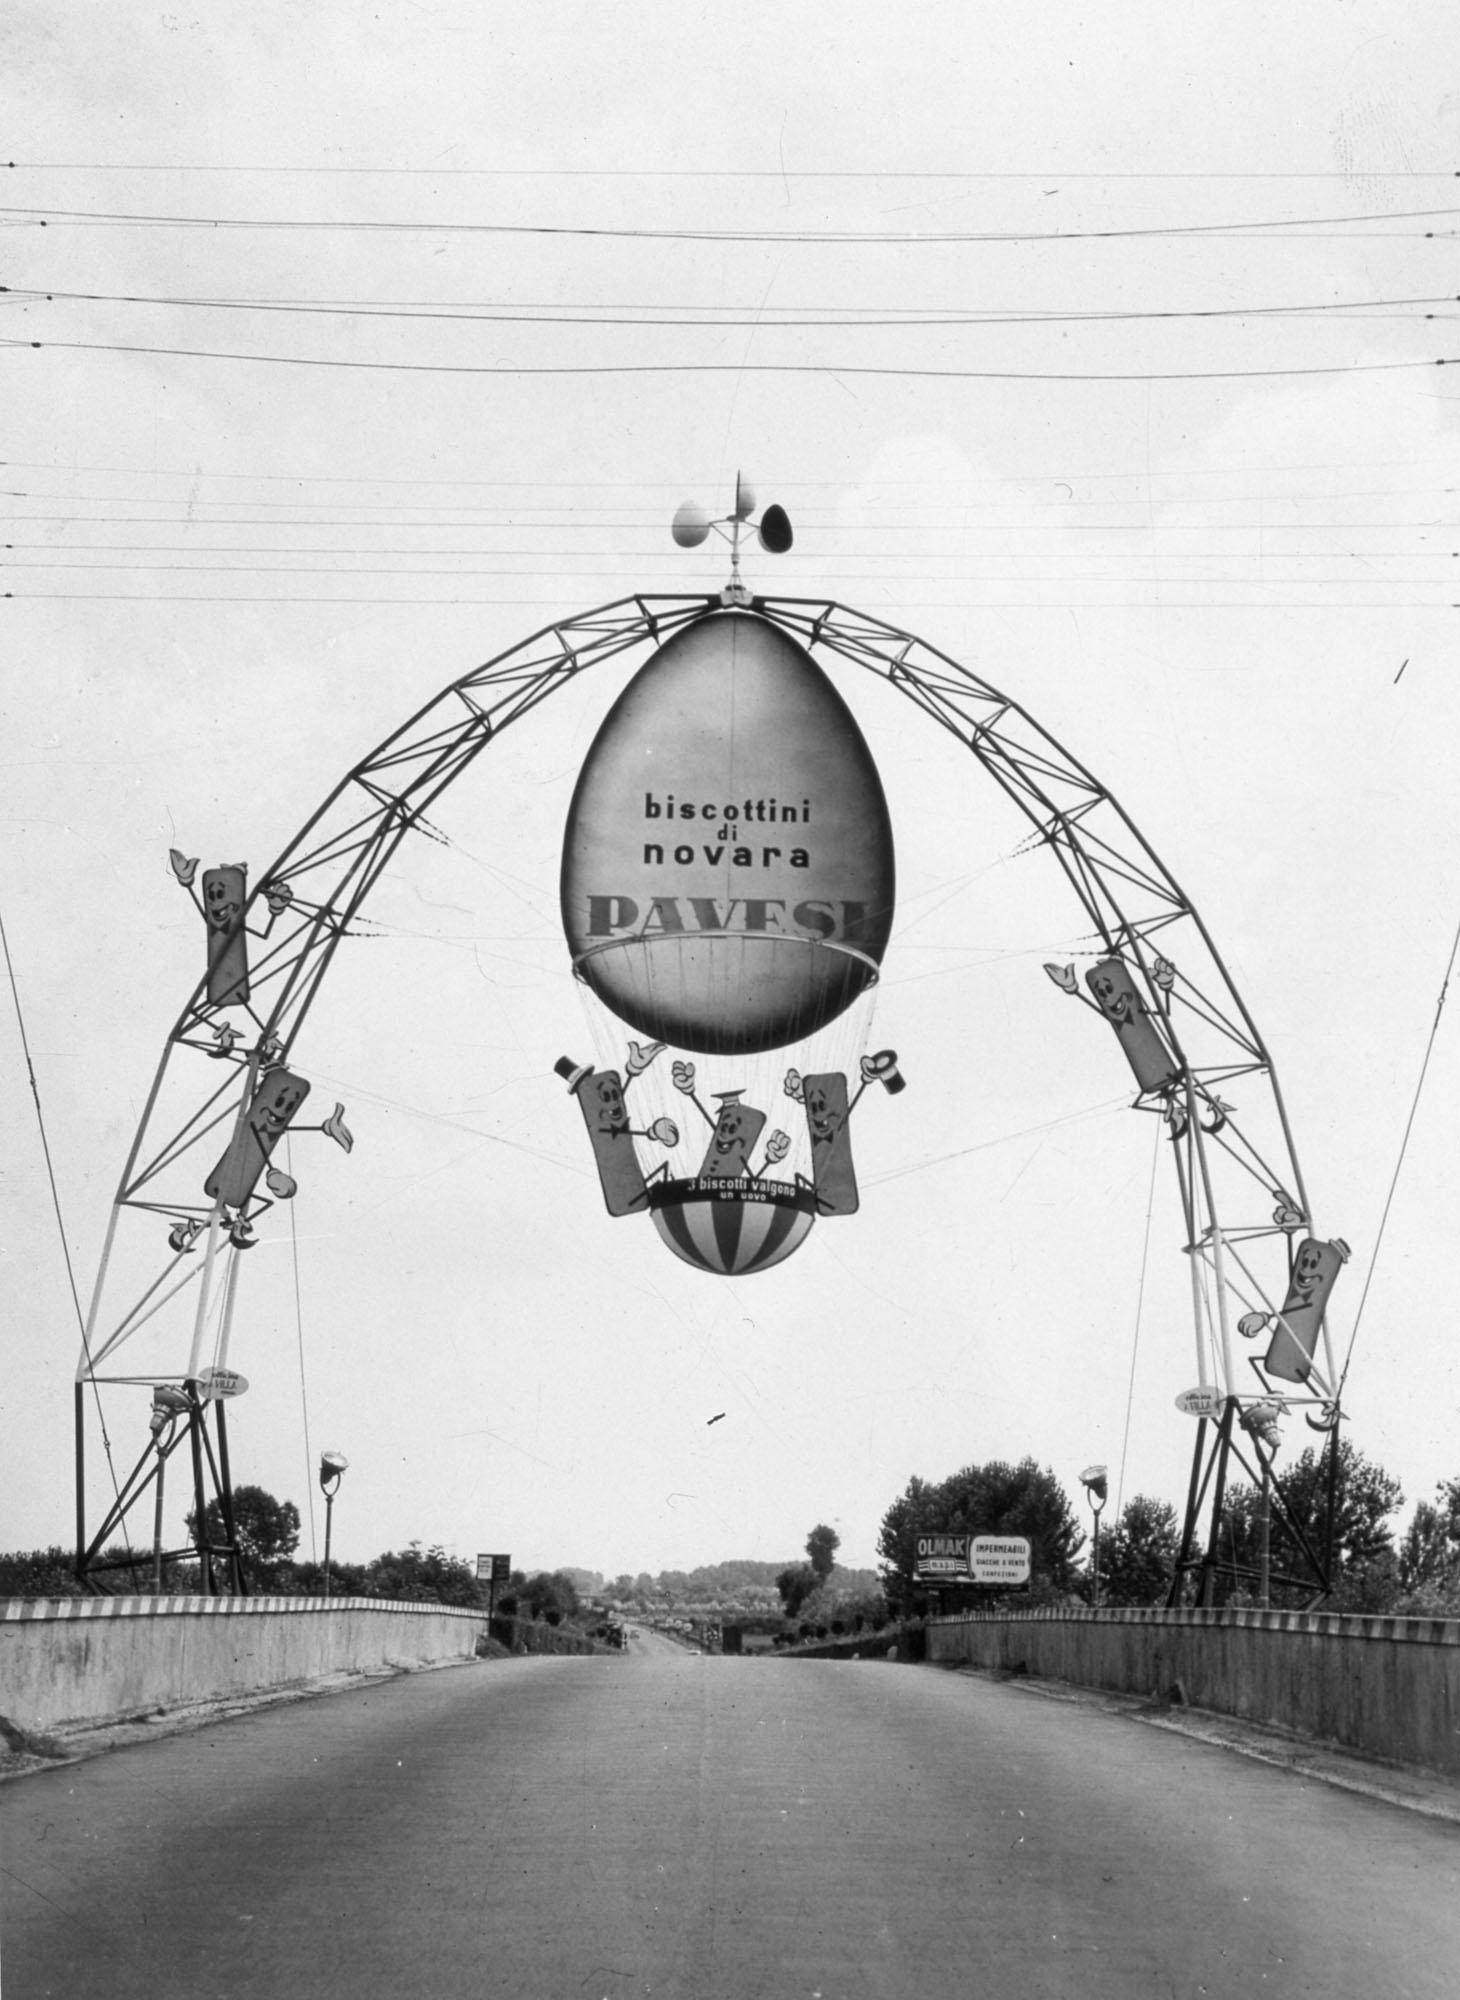 Struttura pubblicitaria sull'autostrada Torino-Milano nei pressi dell'autogrill di Novara